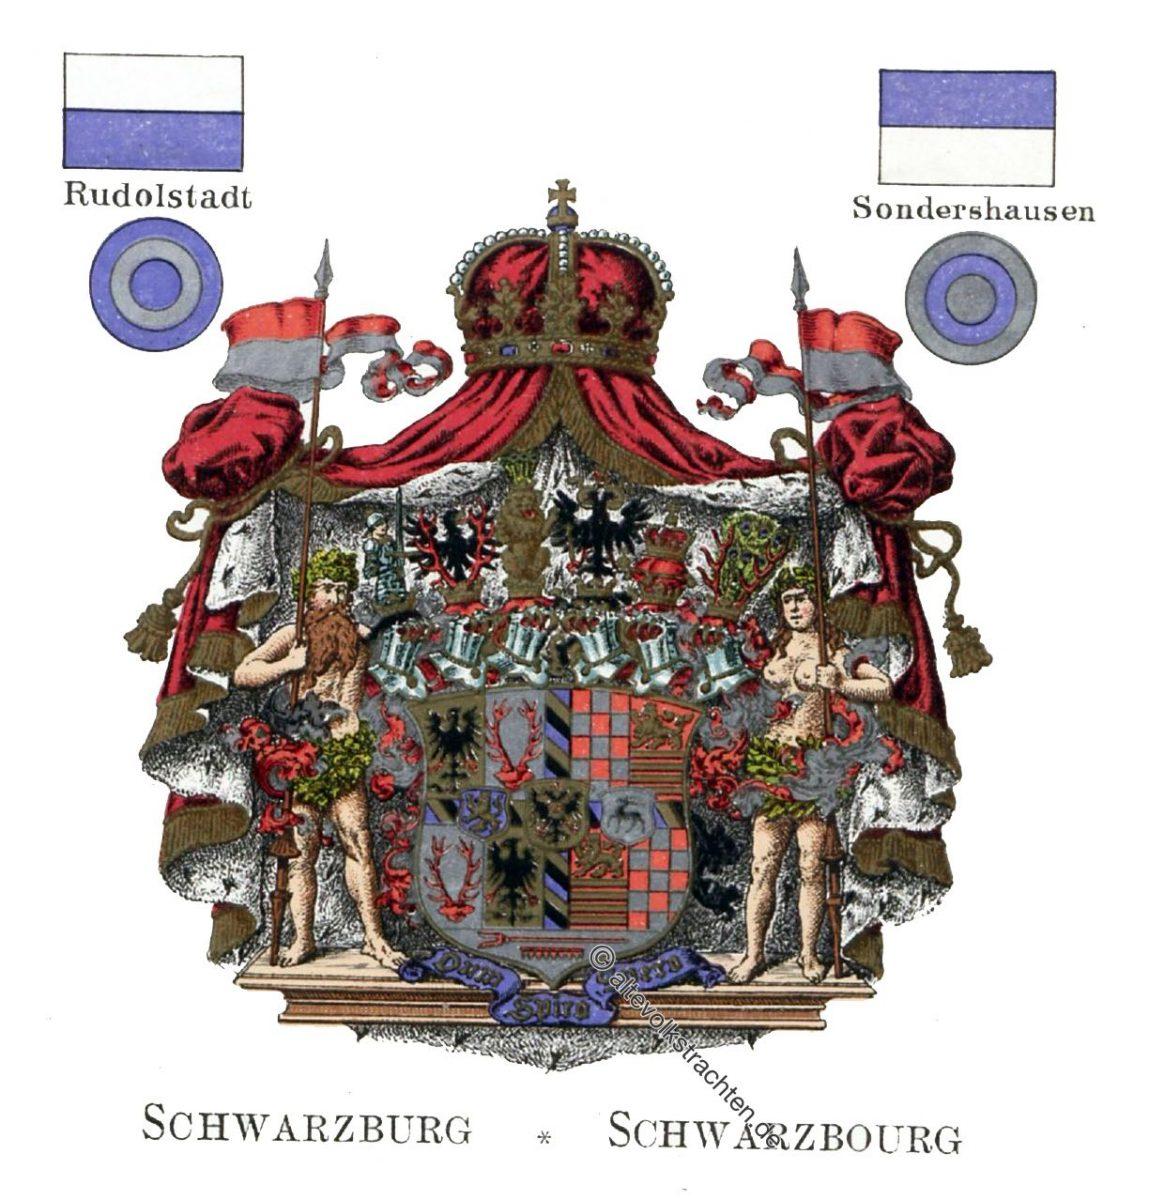 Schwarzburg, Staatswappen, Wappen, Heraldik, Deutschland, Landesflaggen, Kokarden,